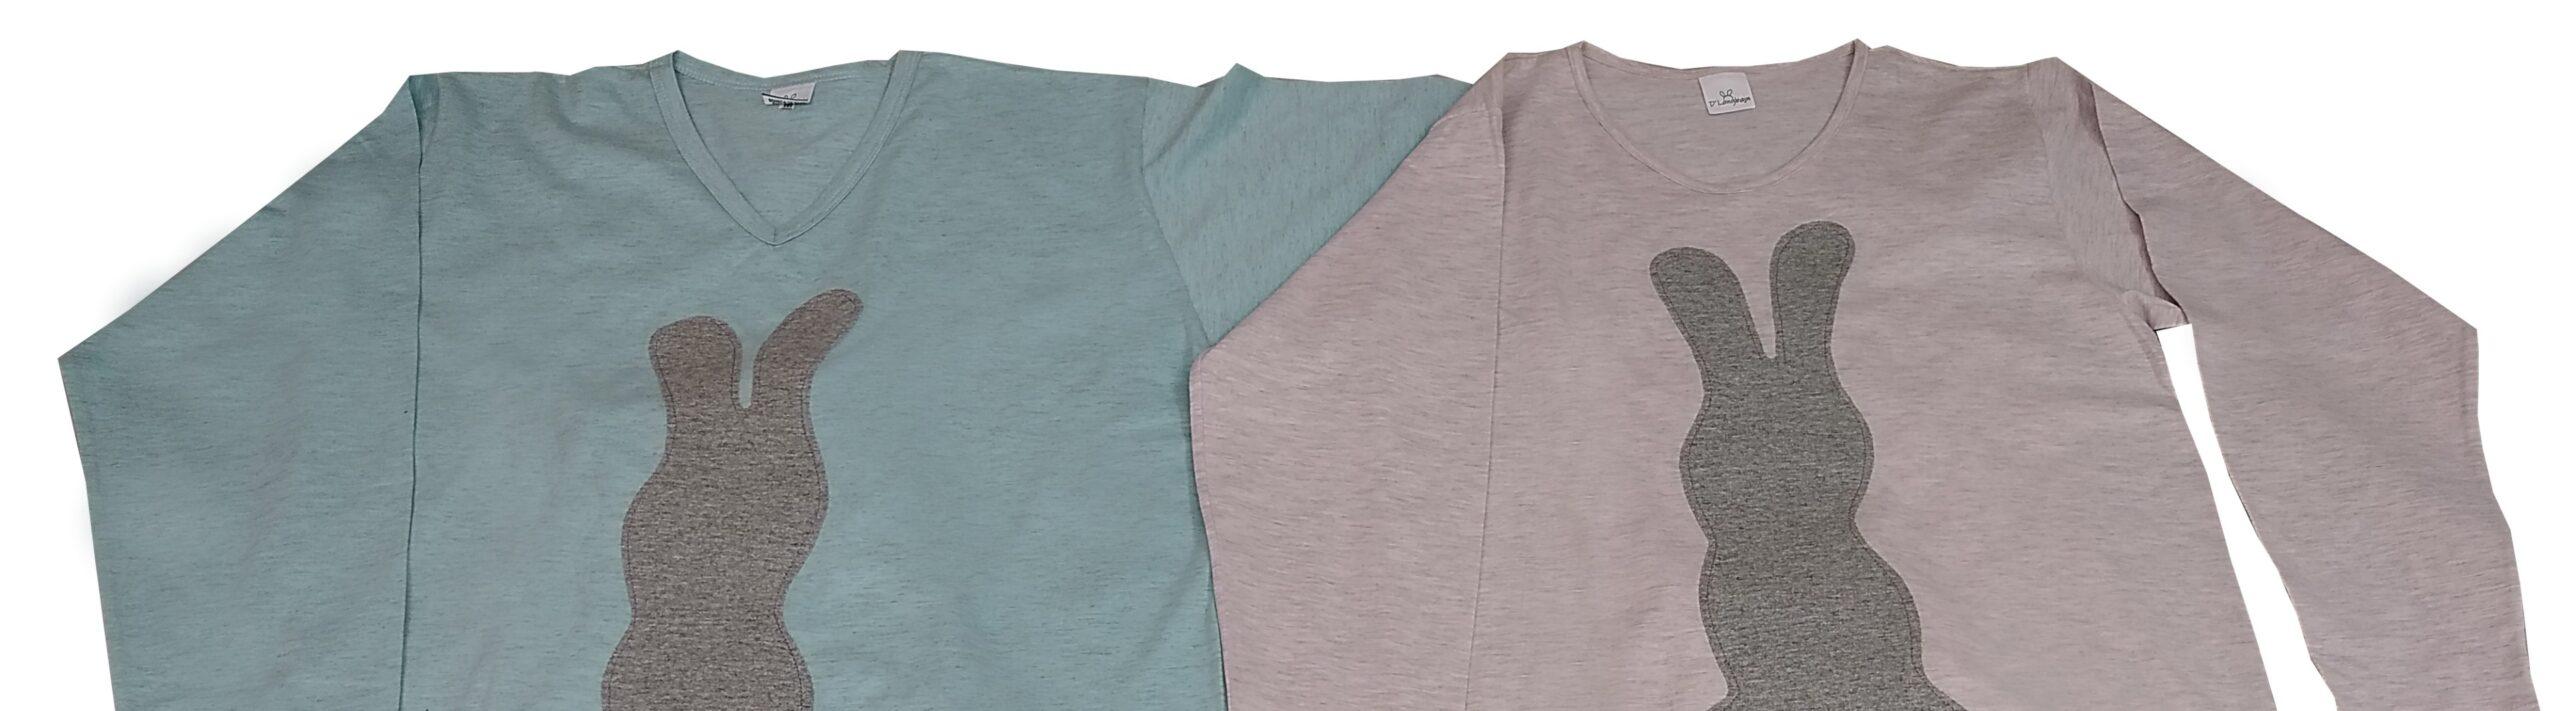 camiseta de pijama azul com aplicação de coelho cinza abraçada com camiseta de pijama rosa igual